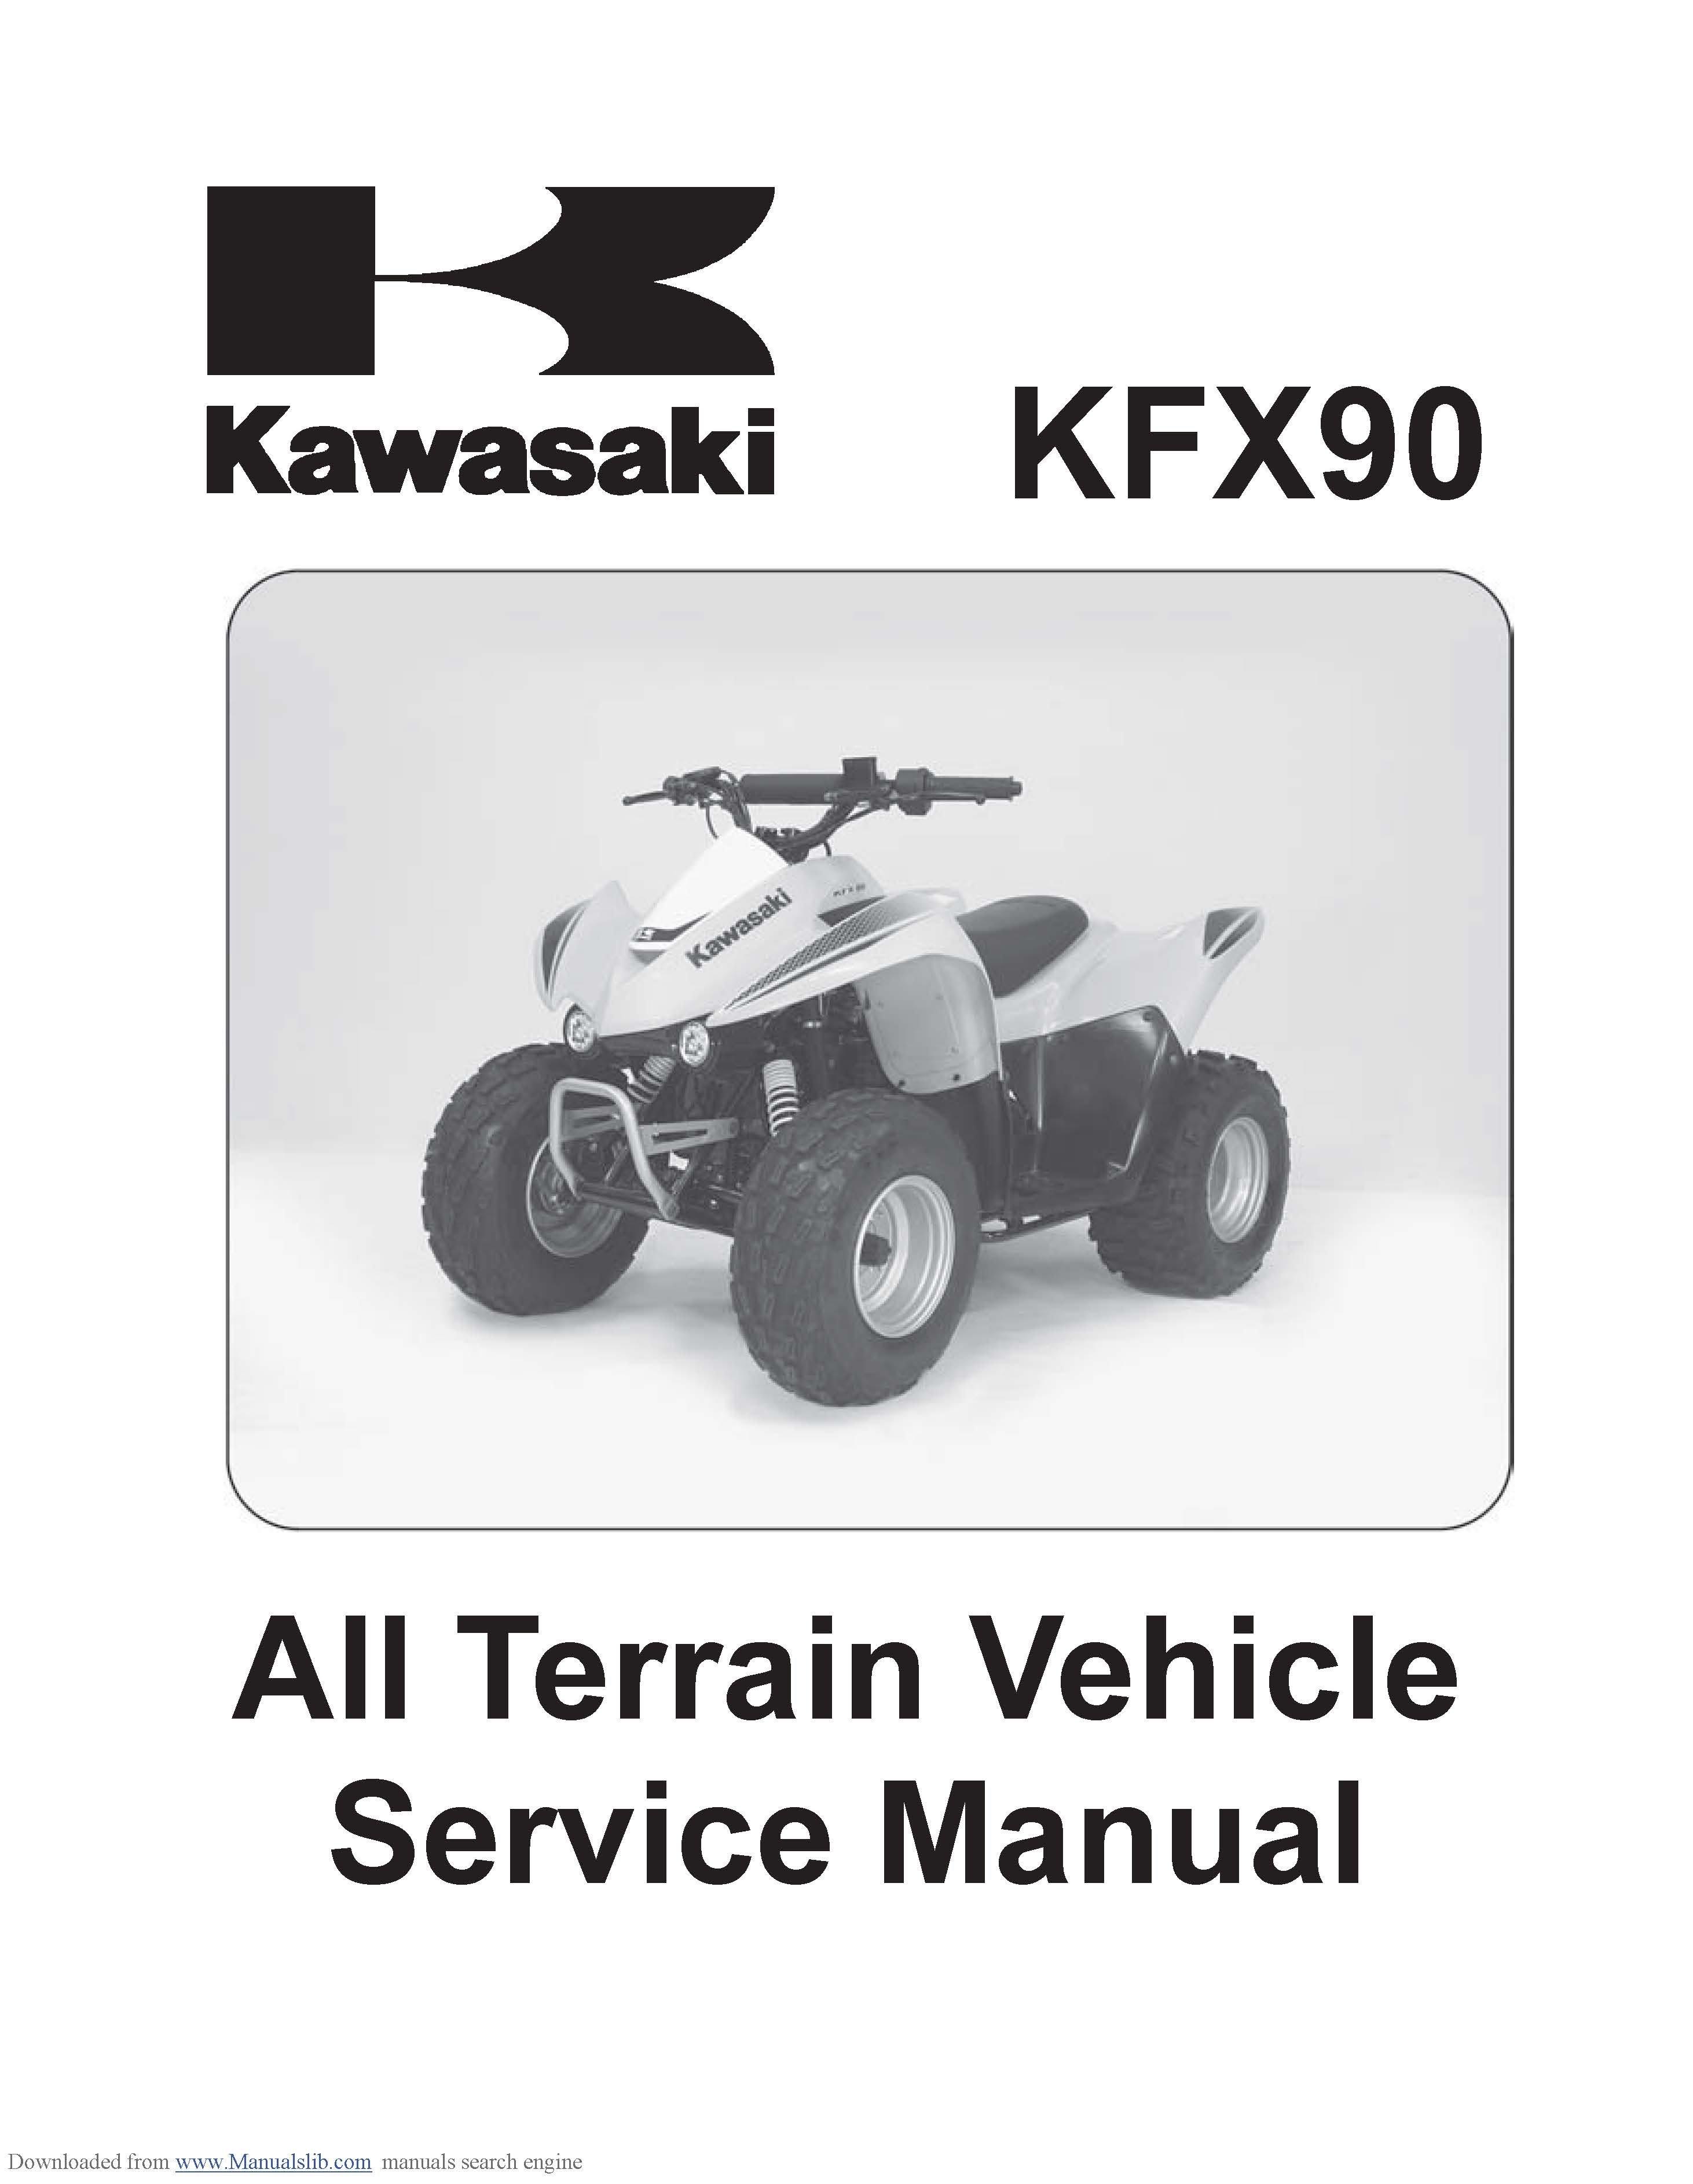 KFX-90 Service Manual 2007-2009